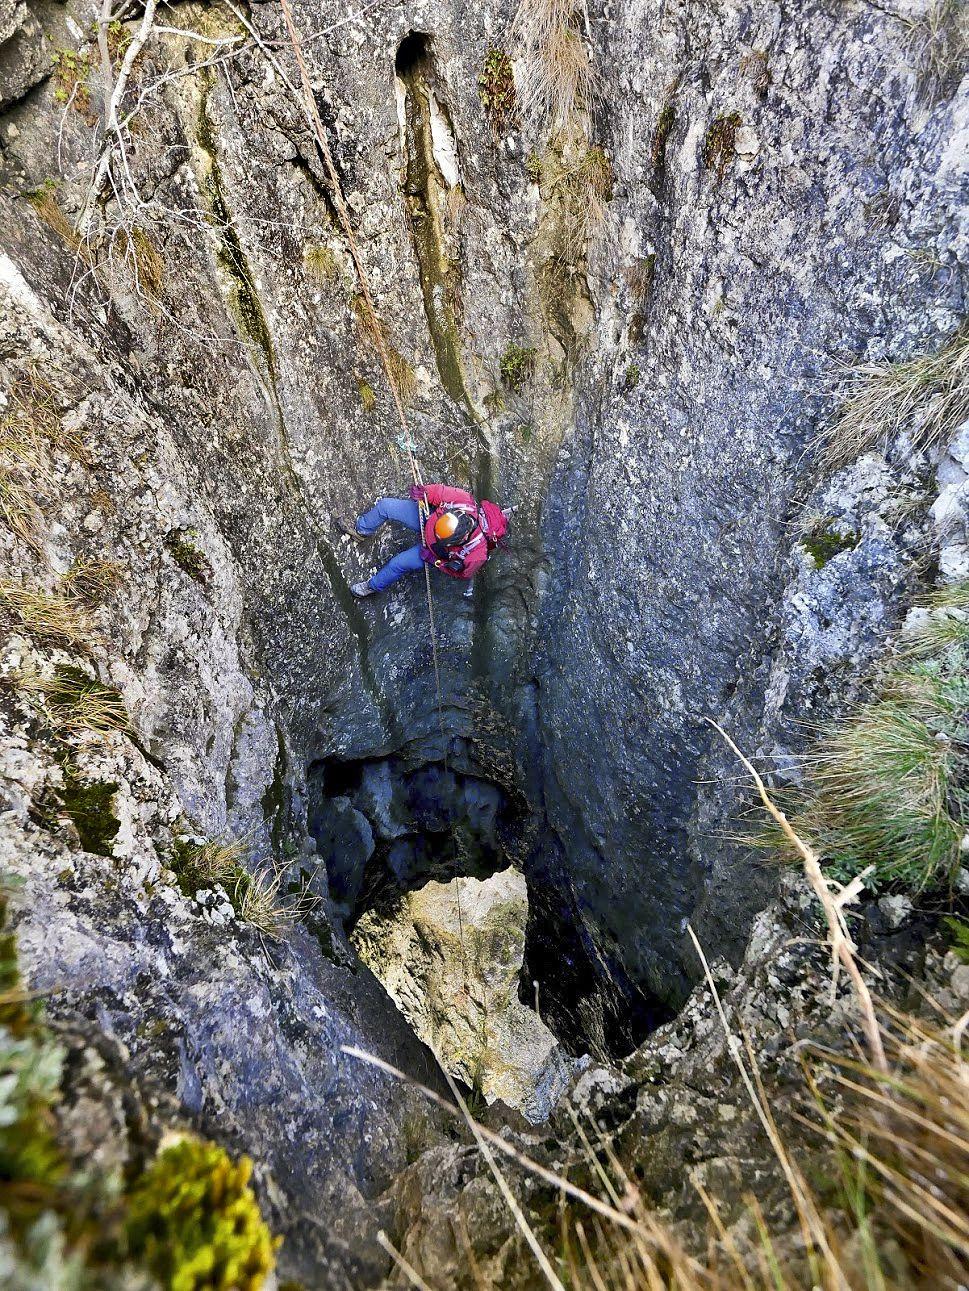 Le puits s'évase rapidement pour atteindre une dizaine de mètres de diamètre (photo Laurent Jacquet).